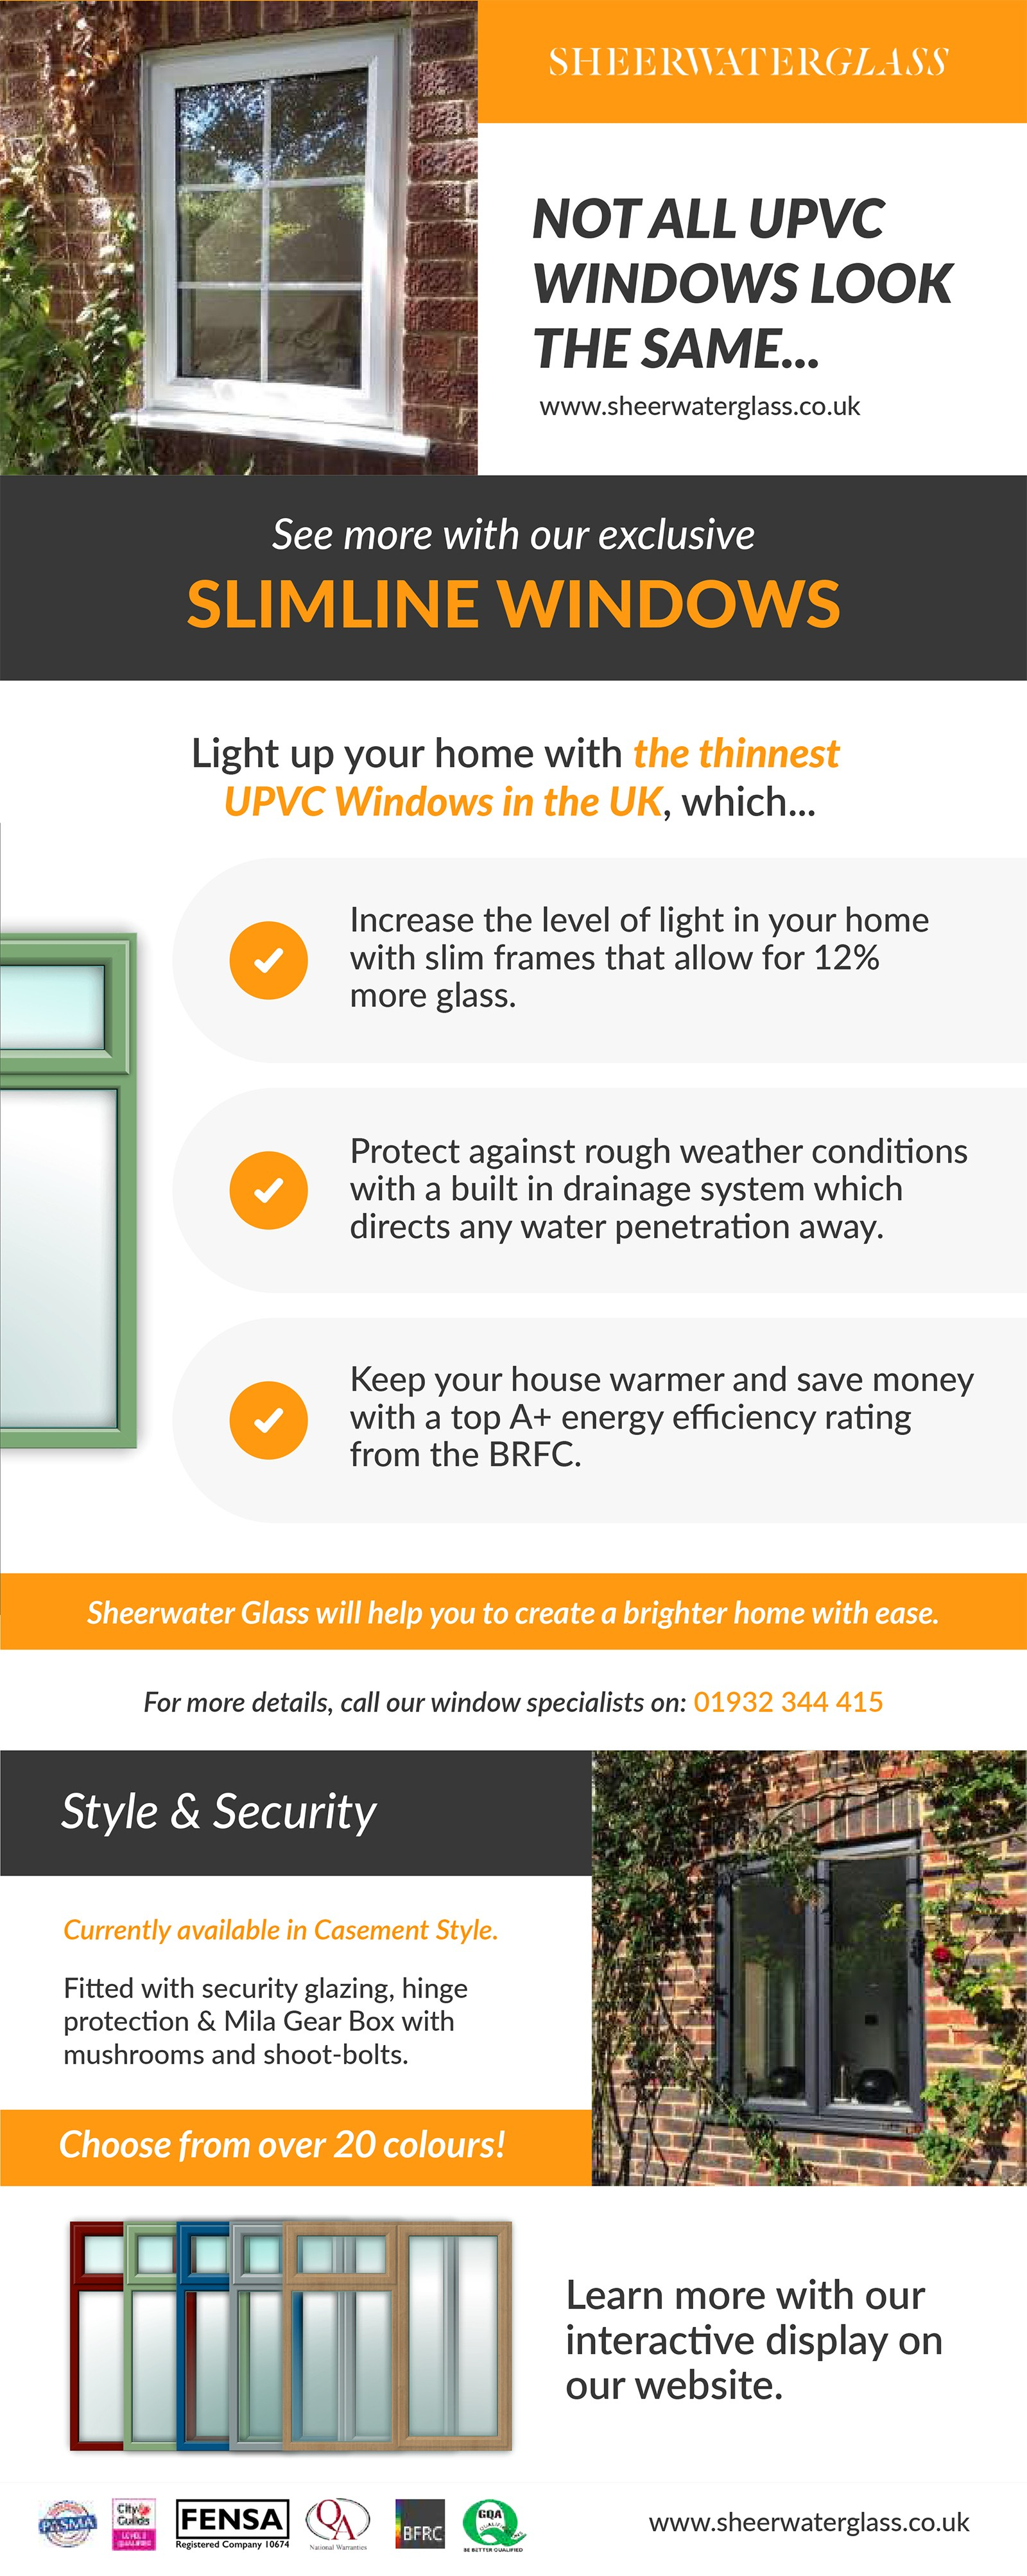 uPVC Slimline Windows Guide 2018